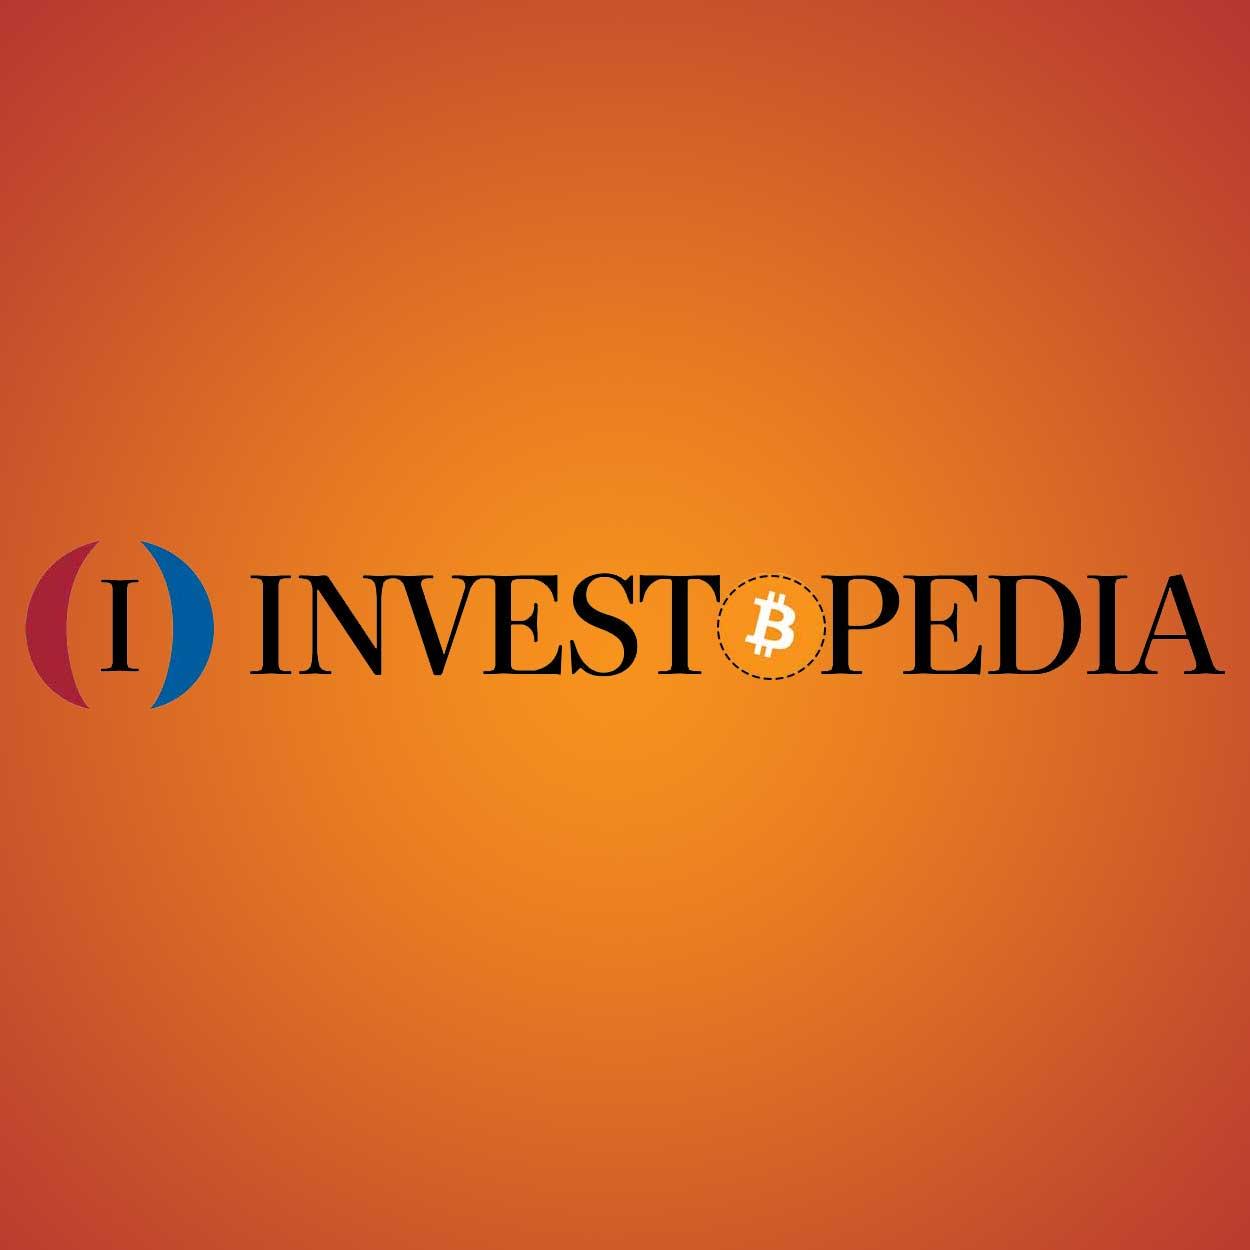 Investopedia-BTC